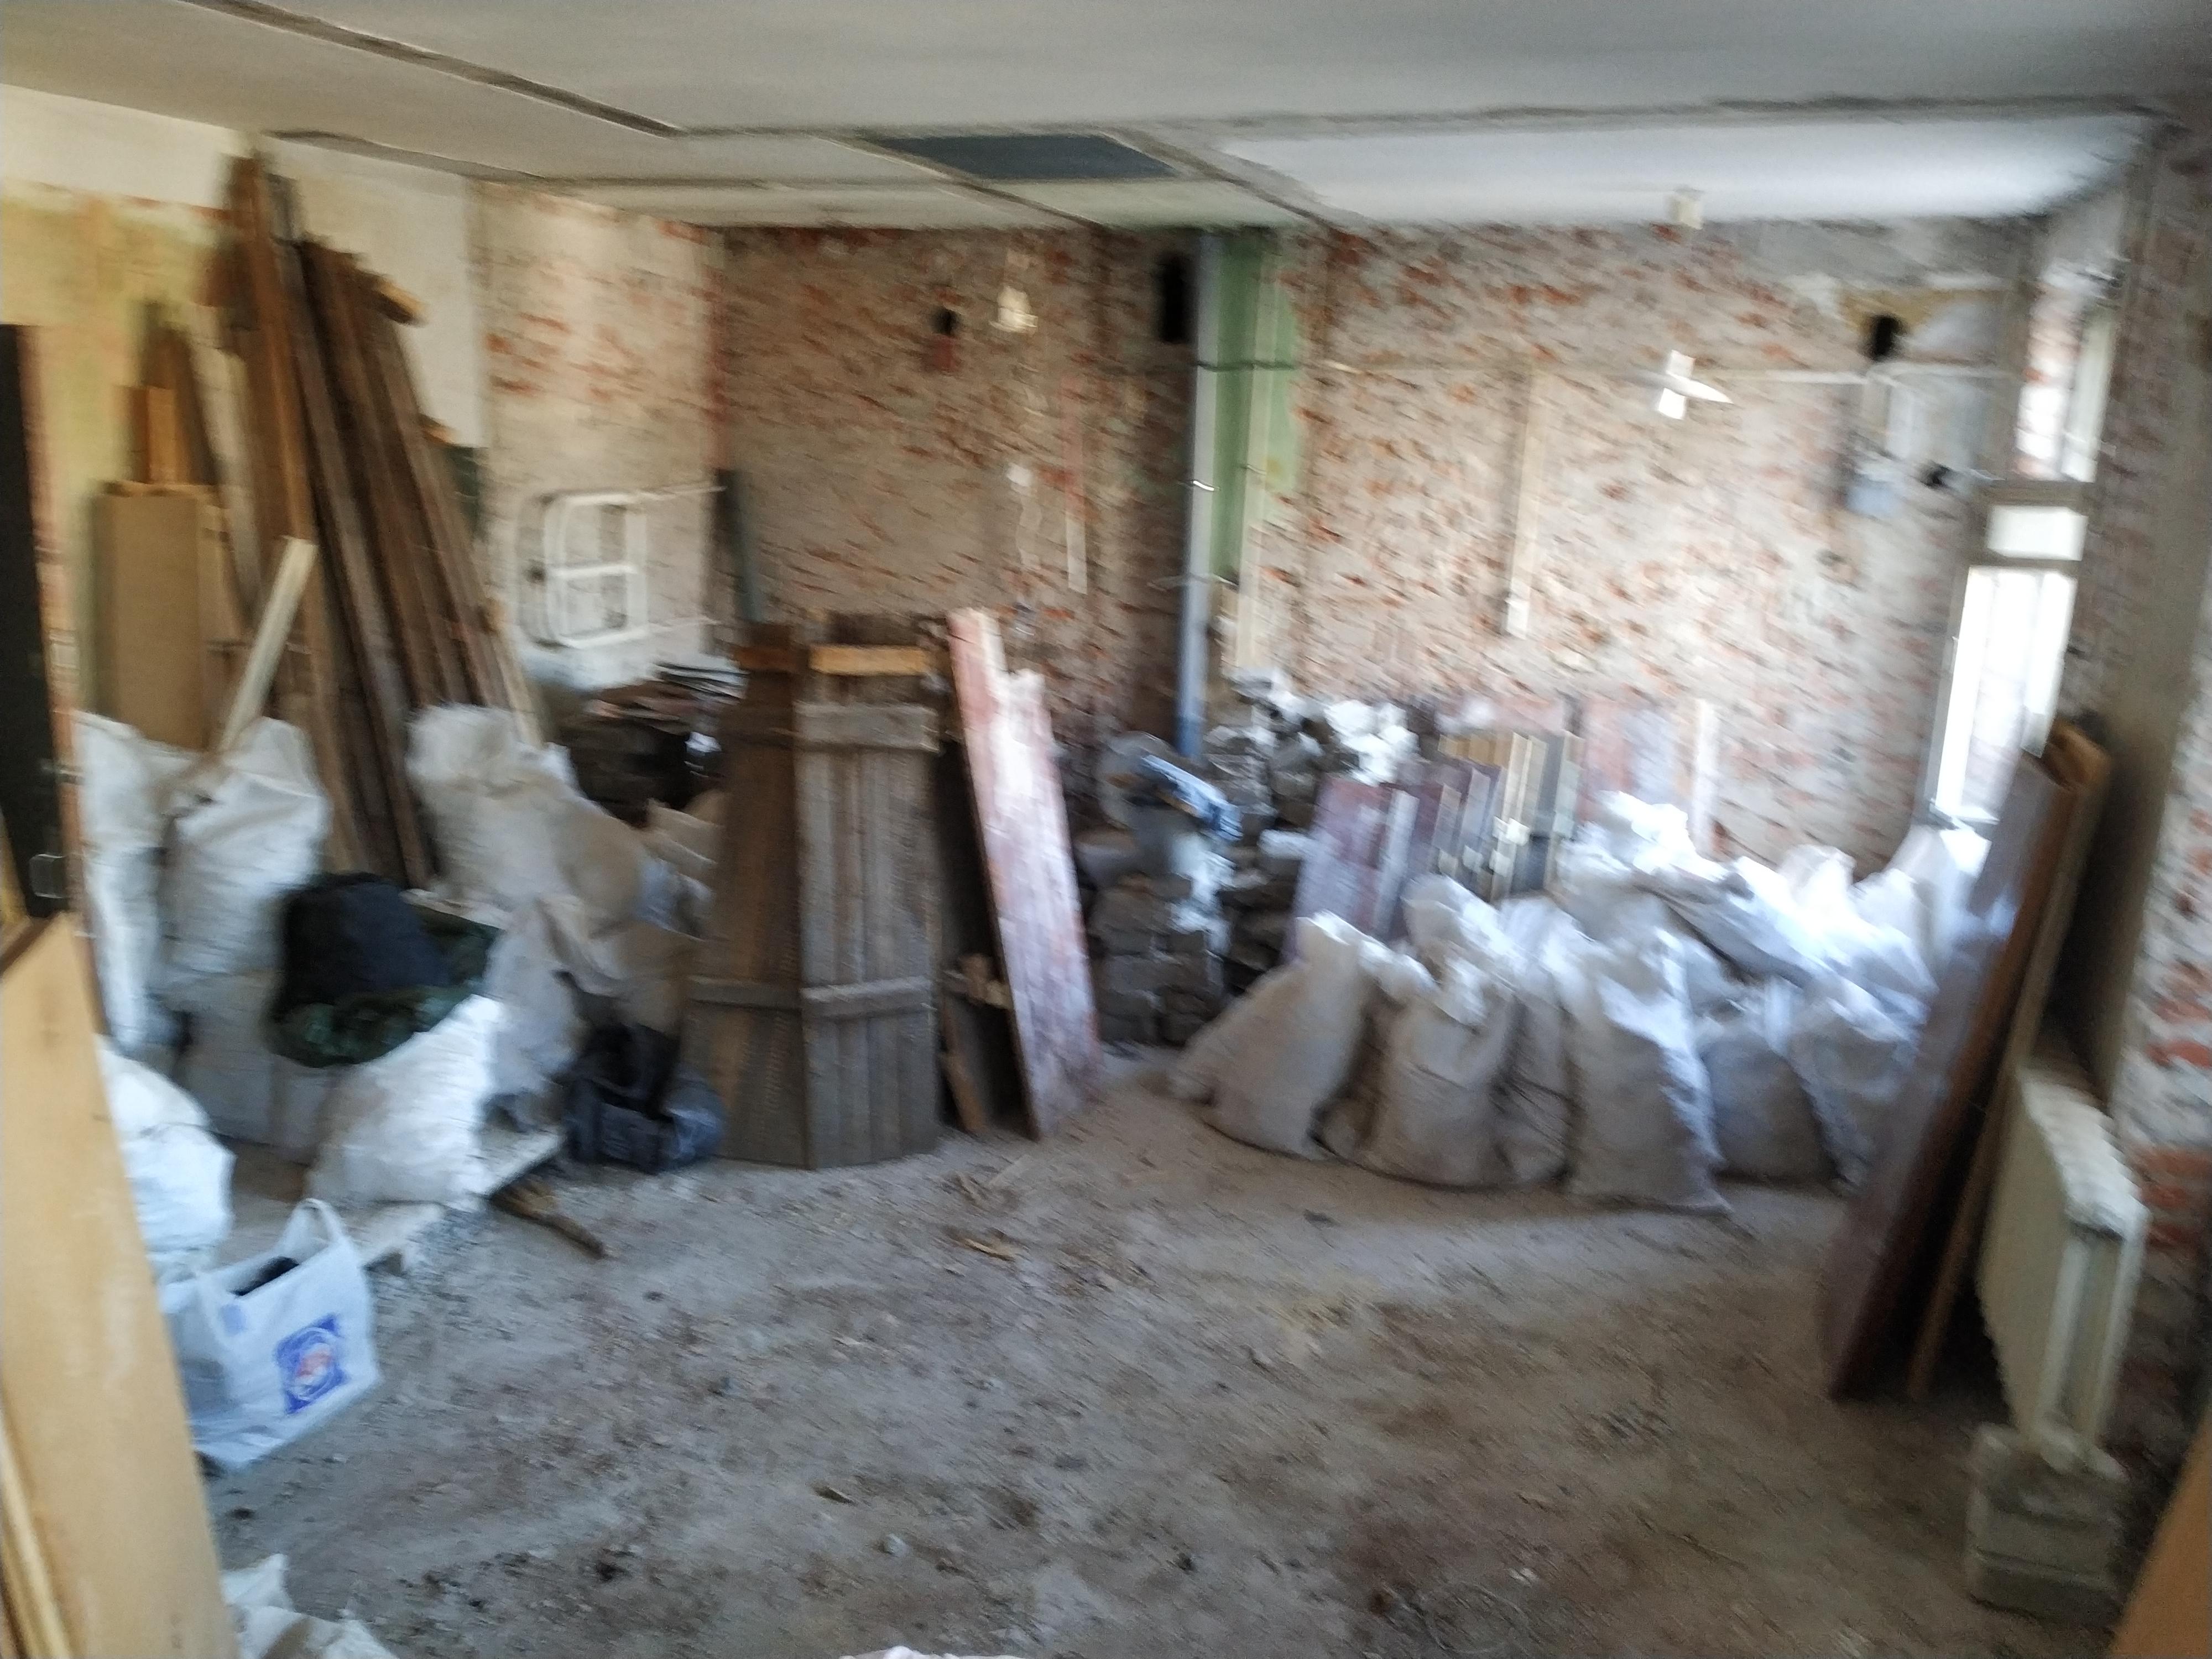 Фото Демонтаж, 2-х комнатная сталинка под капремонт. Все стены, высота потолка 4 метра, двери, дверные проемы, штукатурка по периметру, плитка, чугунные трубы, вся сантехника, стяжка под сантехкабиной, деревянный пол в остальных комнатах, откосы на входной двери и окнах, частично деревянные рамы и дверь на балкон, внутренняя их часть. ТОЛЬКО ДЕМОНТАЖ, покупка мешков и фасовка мусора. БЕЗ ВЫНОСА!!! БЕЗ ТРАНСПОРТА. Транспорт и грузчики ВАШИ, либо звоните по ОЛХ. РАБОТАЮ ОДИН, ГРОМКО, а по другому ни как, весь инструмент в наличии, есть запасной, заняло 11 дней с выходными. Принцип взаимодействия с заказчиком, забираете все ценные вещи, отдаете мне ключи и я работаю. Оплата за каждый день, либо предоплата. Фотоотчет каждый день, либо приезжаете вечером каждый день. НЕ БЕРУСЬ ЗА НЕСУЩИЕ СТЕНЫ!!! Работа тяжелая, возможны дополнительные дни для отдыха, если взялся за обьект и мы сошлись по цене, работу не бросаю и довожу до конца. Примерная оплата за день работы 800-1300 грн.